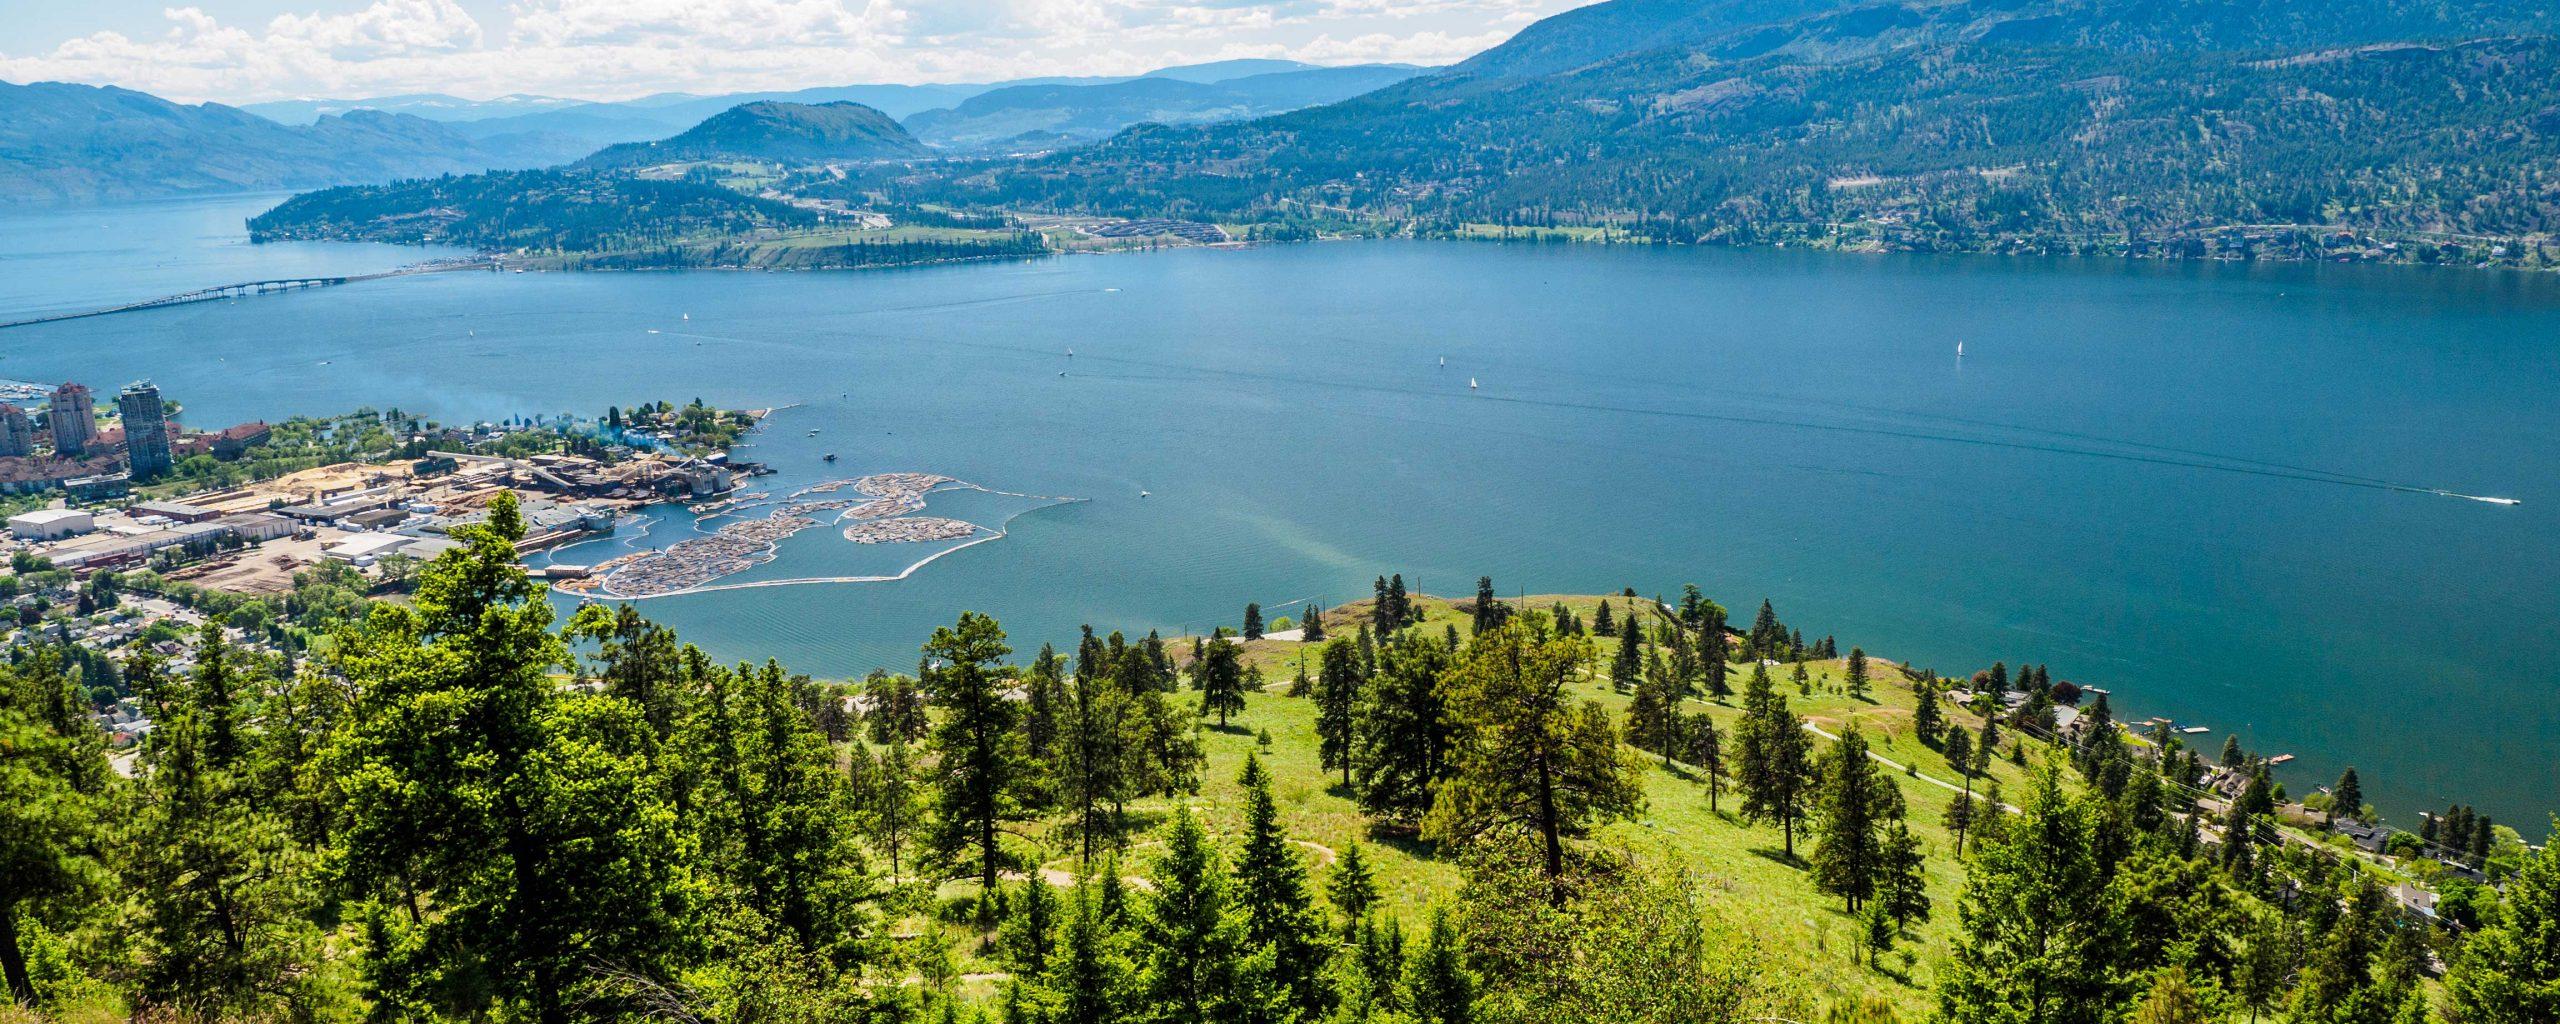 View on hill overlooking Okanagan Lake and Kelowna BC